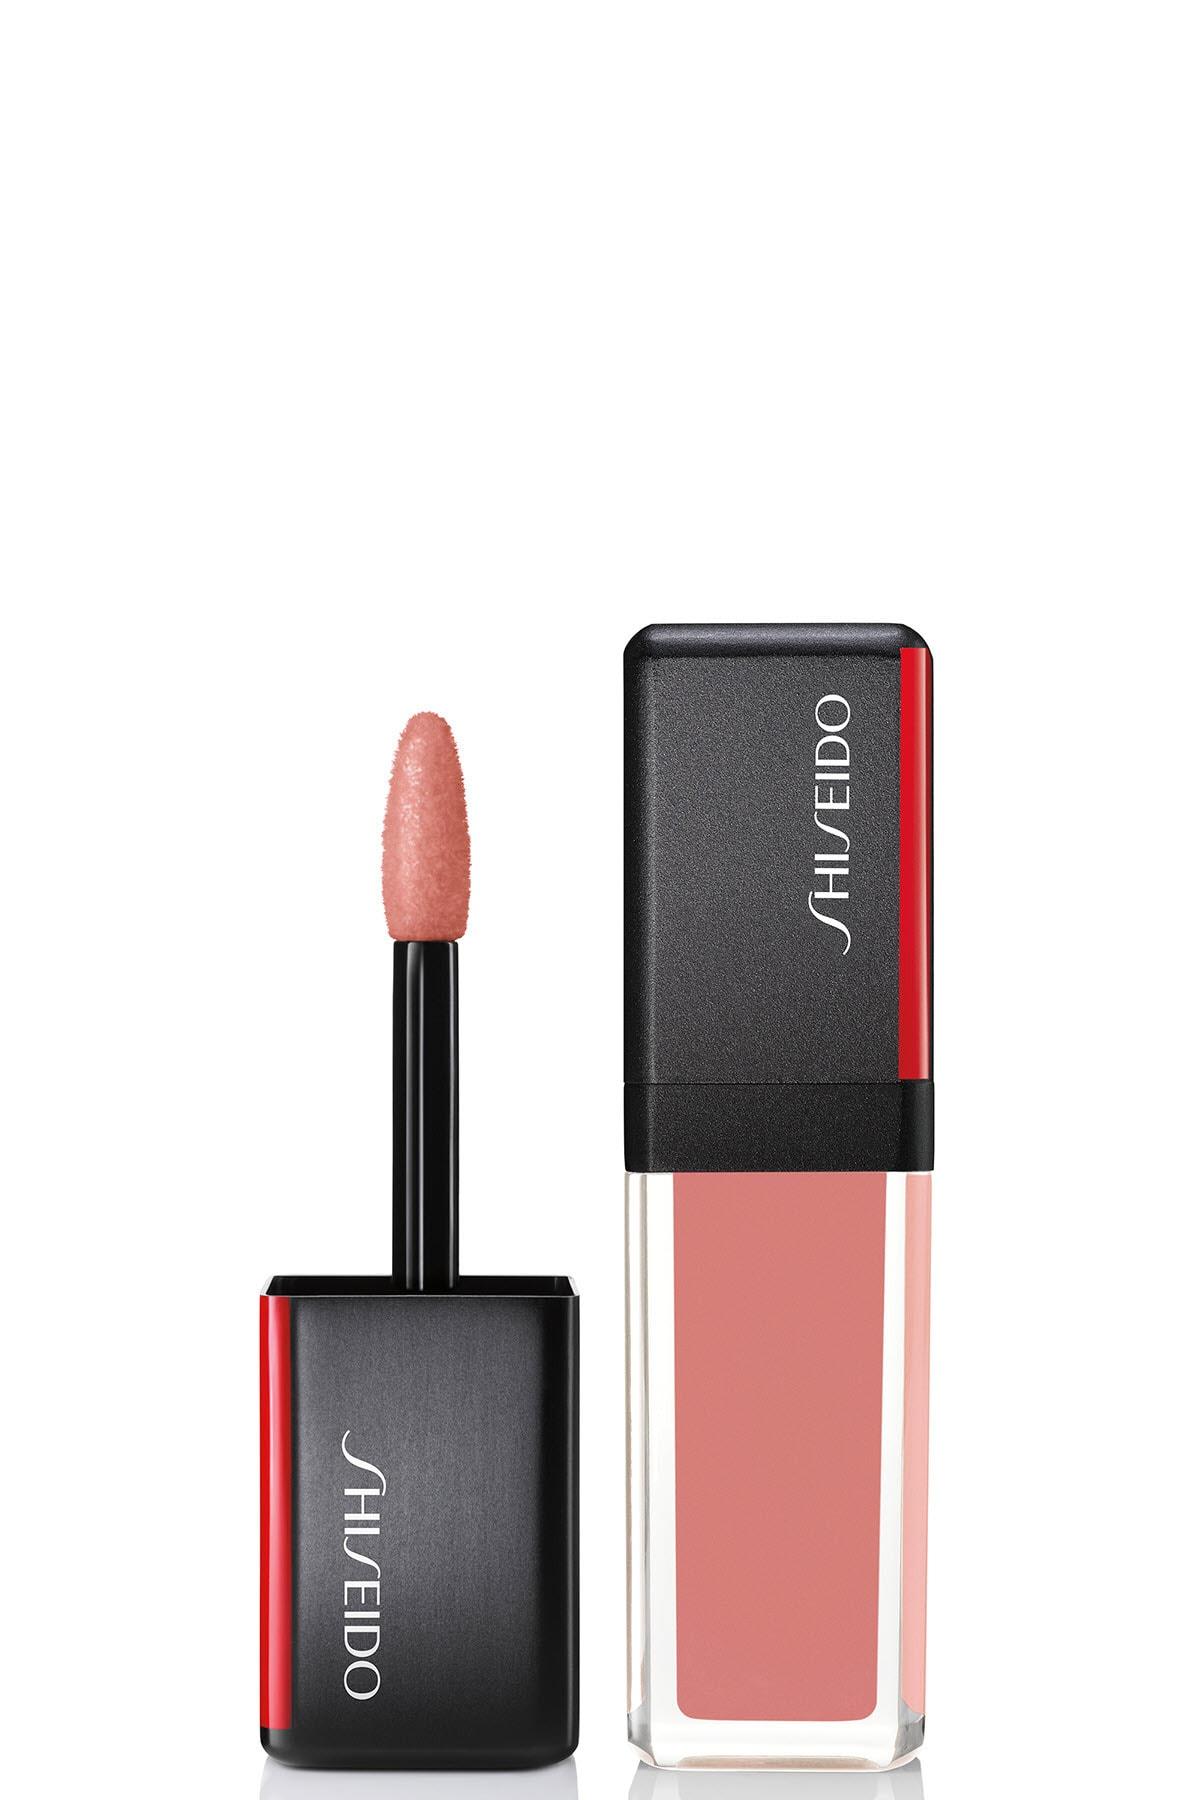 Shiseido Uzun Süre Dayanıklı Parlak Likit Ruj - SMK Lacquerink Lipshine 311 730852148345 0